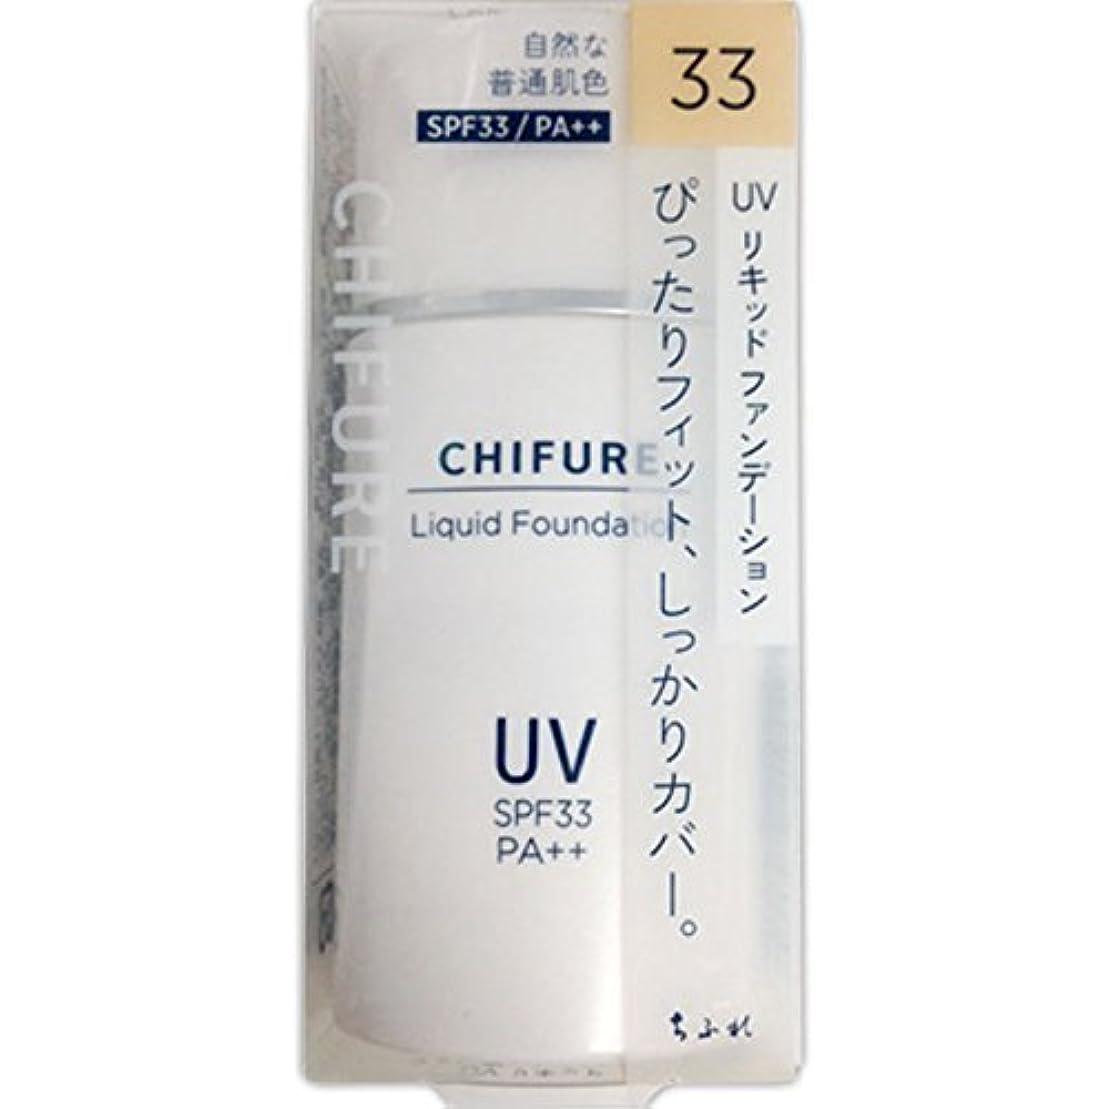 小屋こんにちは輝くちふれ化粧品 UV リキッド ファンデーション 33 自然な普通肌色 30ML